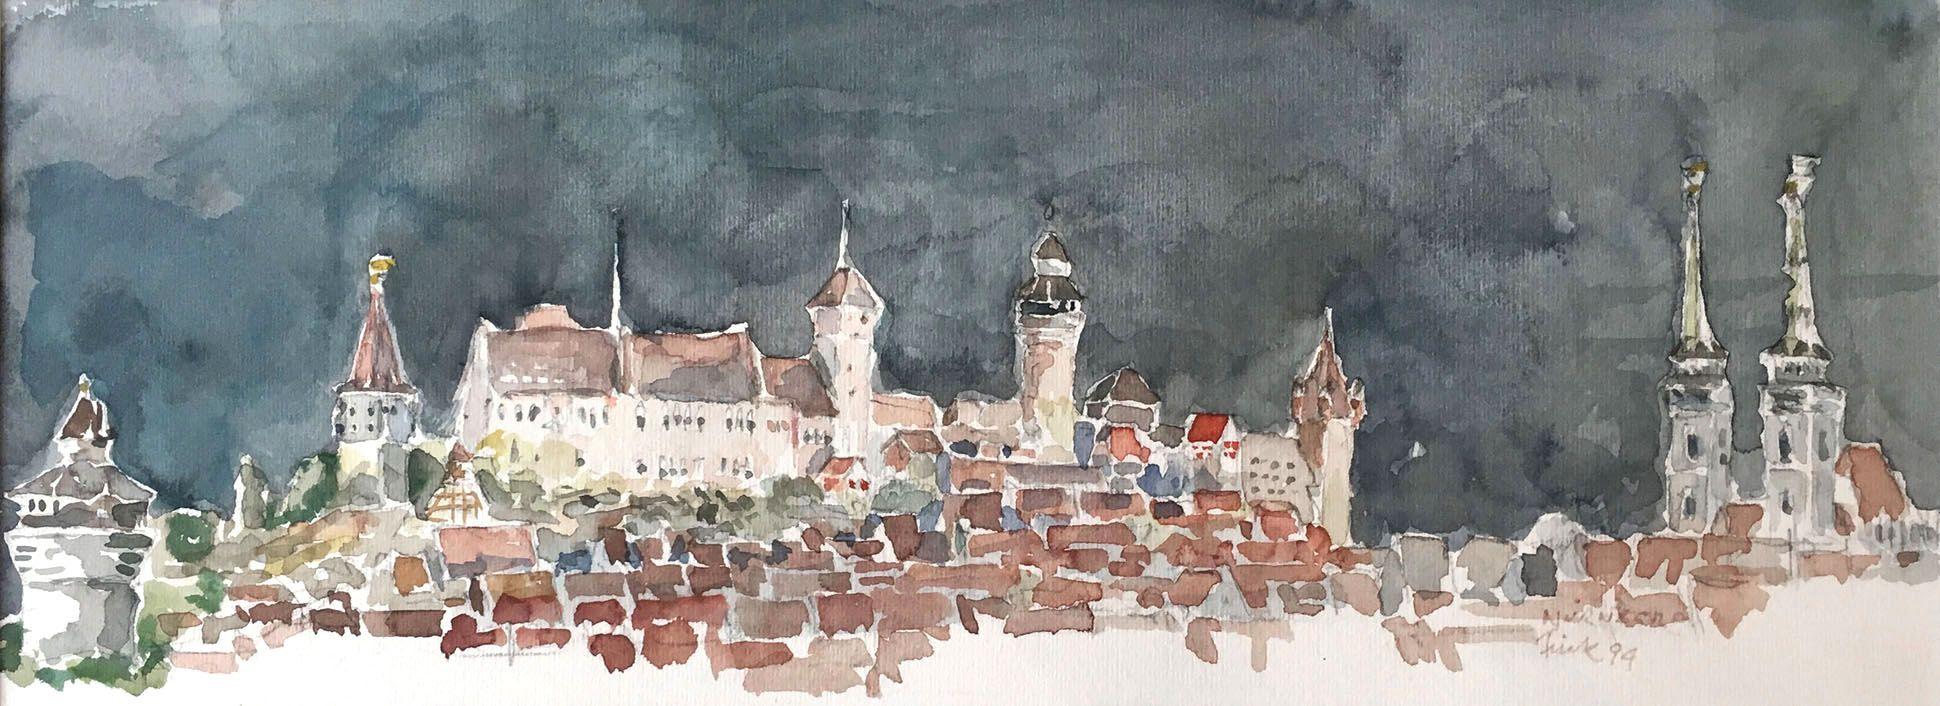 Nürnberg bei Nacht Stadtsilhouette vom Neutorturm bis zur Sebalduskirche